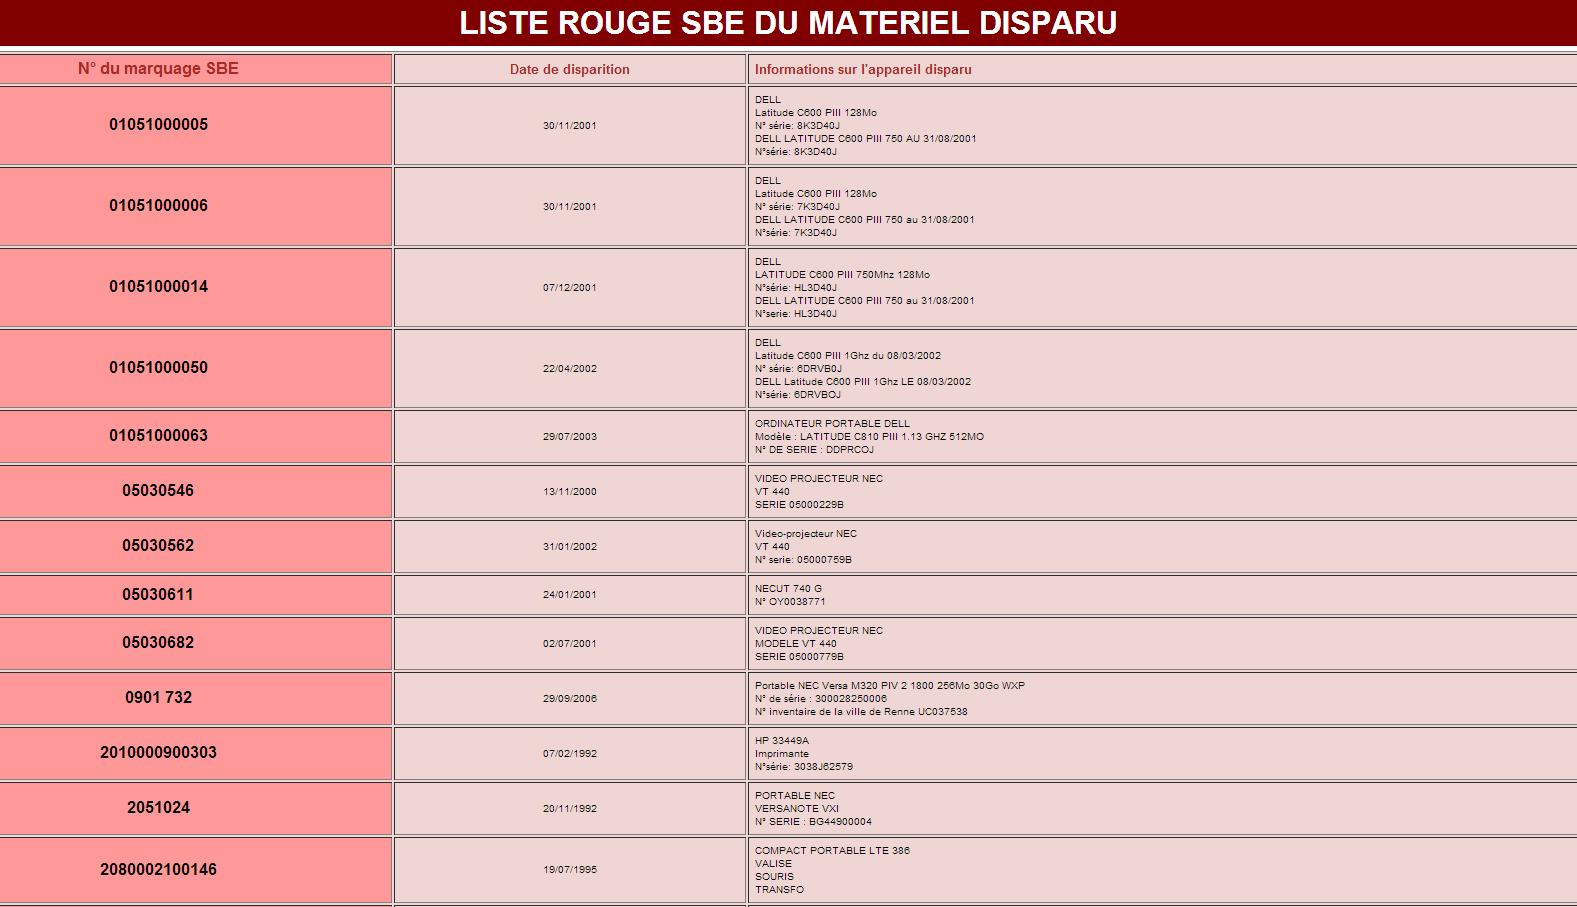 liste rouge sbe direct matériel disparu